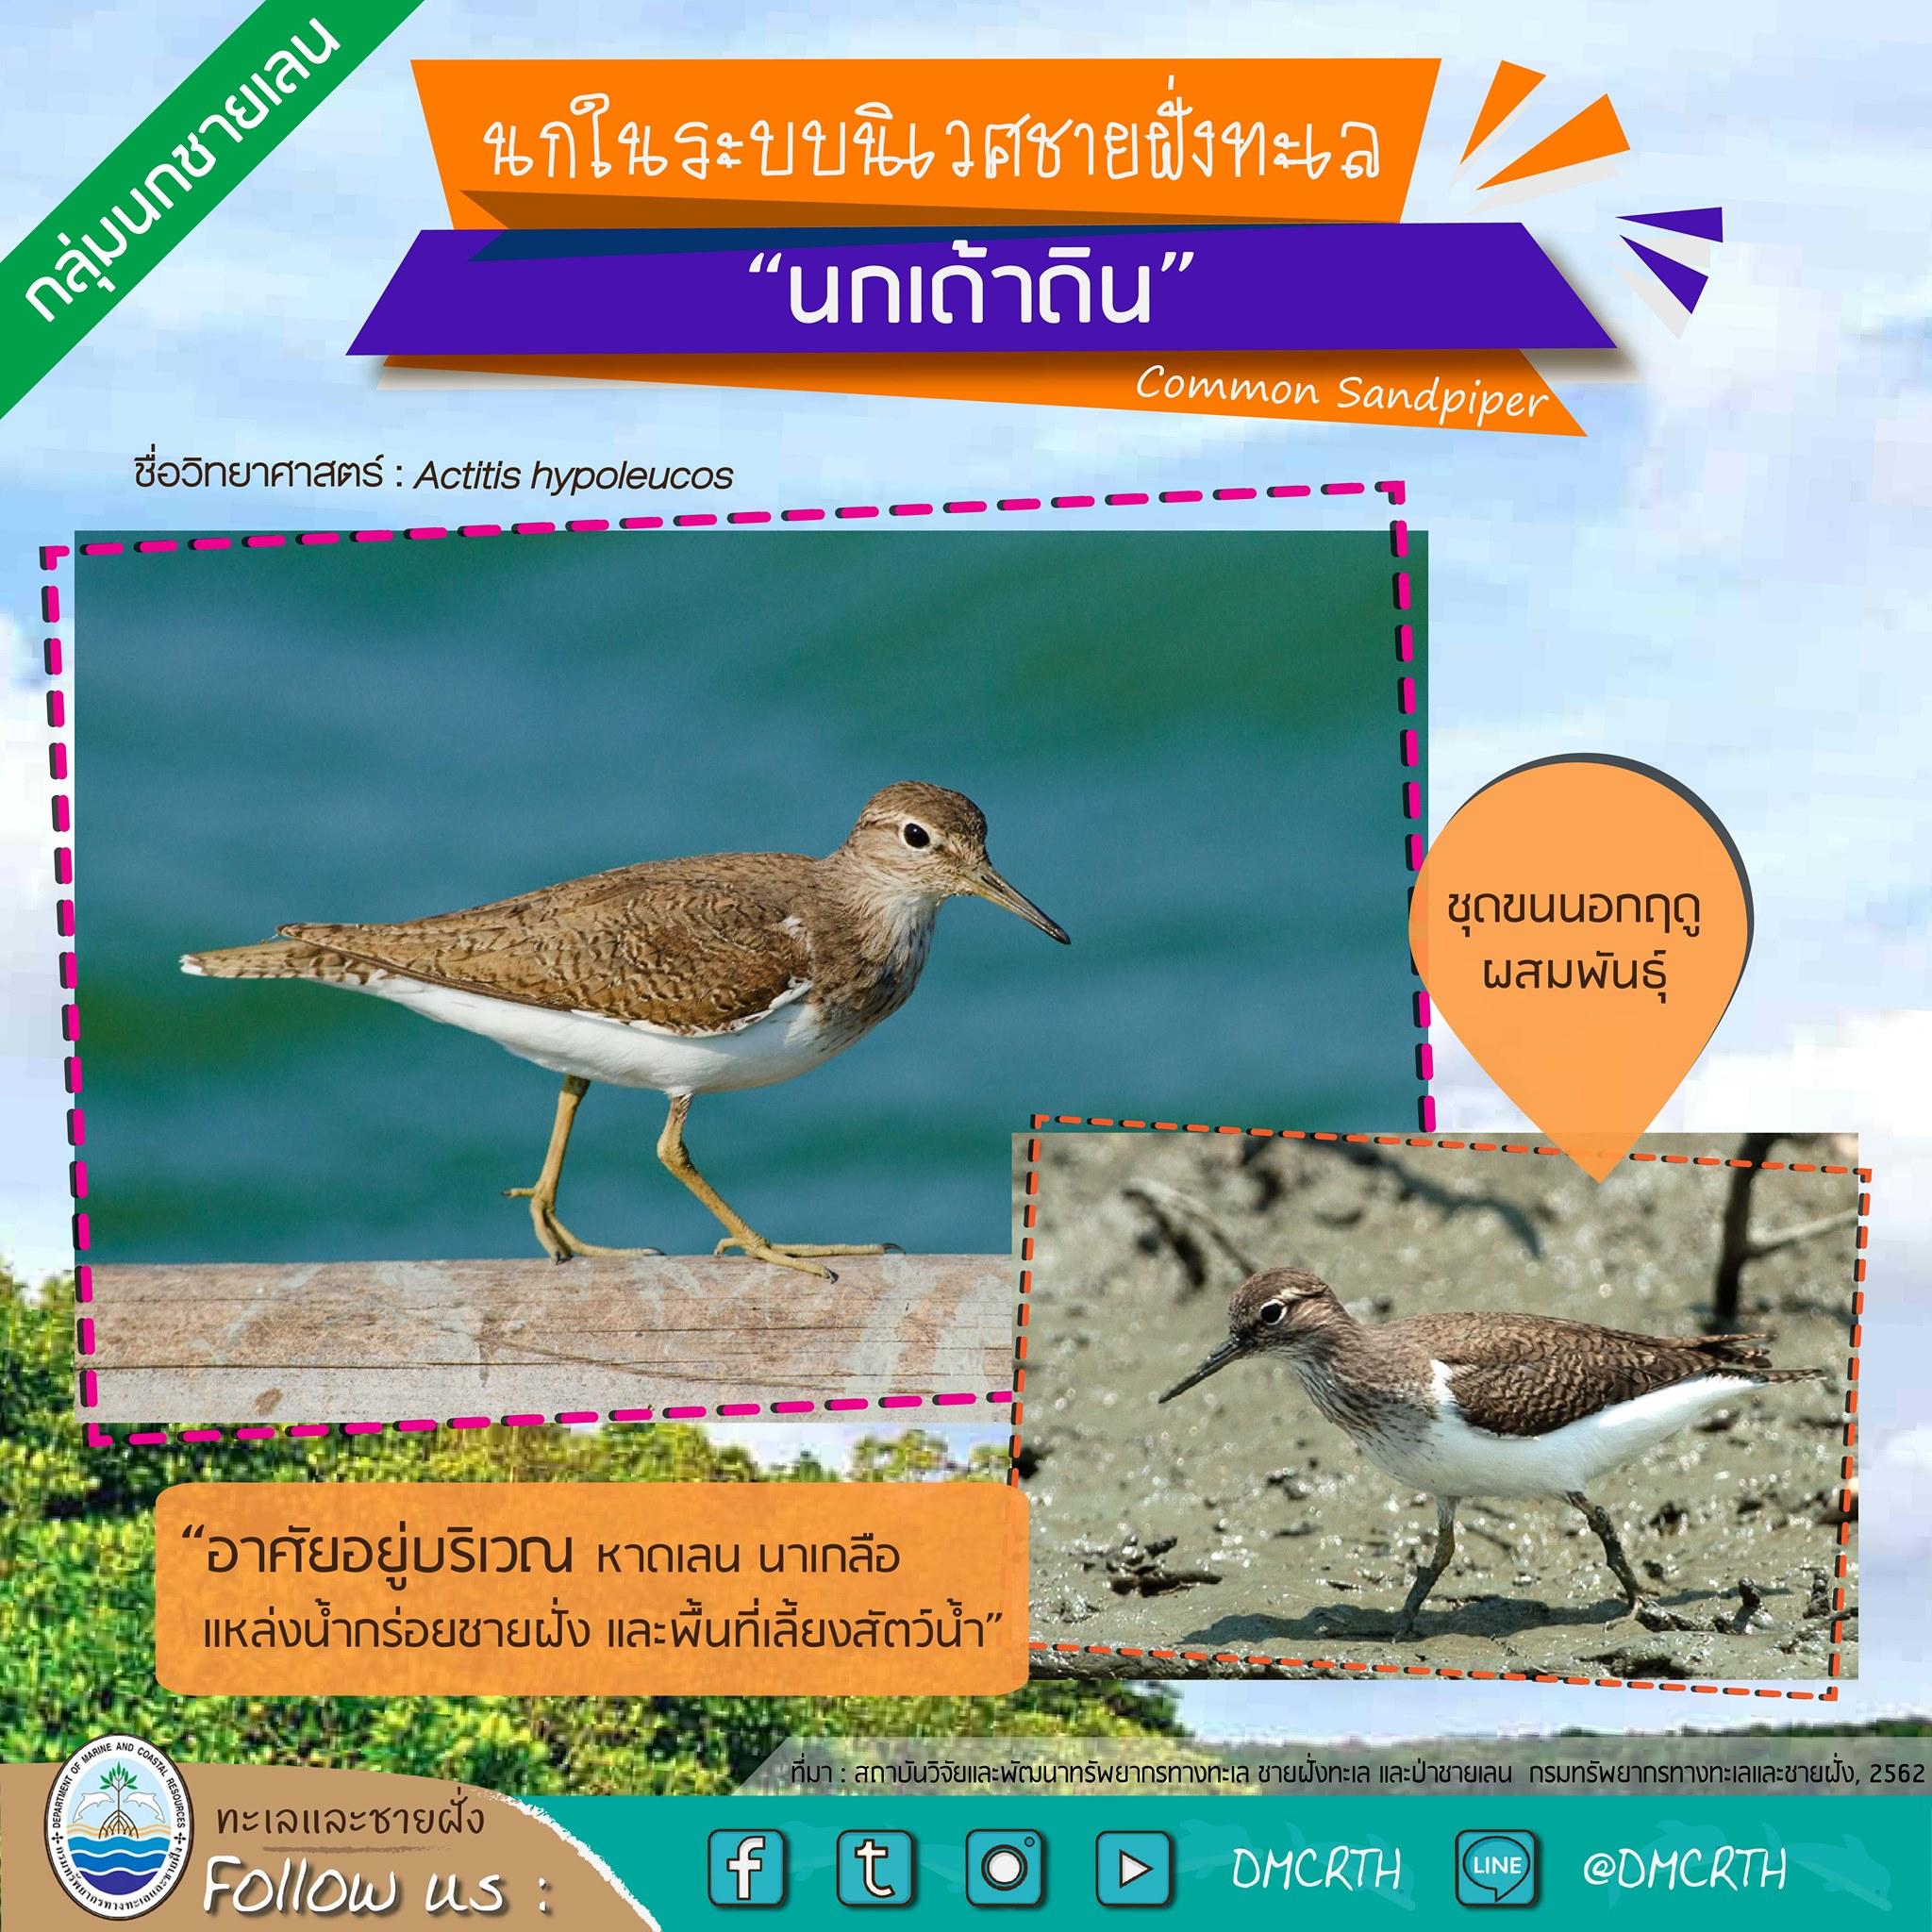 นก ไม่นก ถ้ารู้จักแล้วจะรักนกในระบบนิเวศชายฝั่งทะเลไทย #๑๓